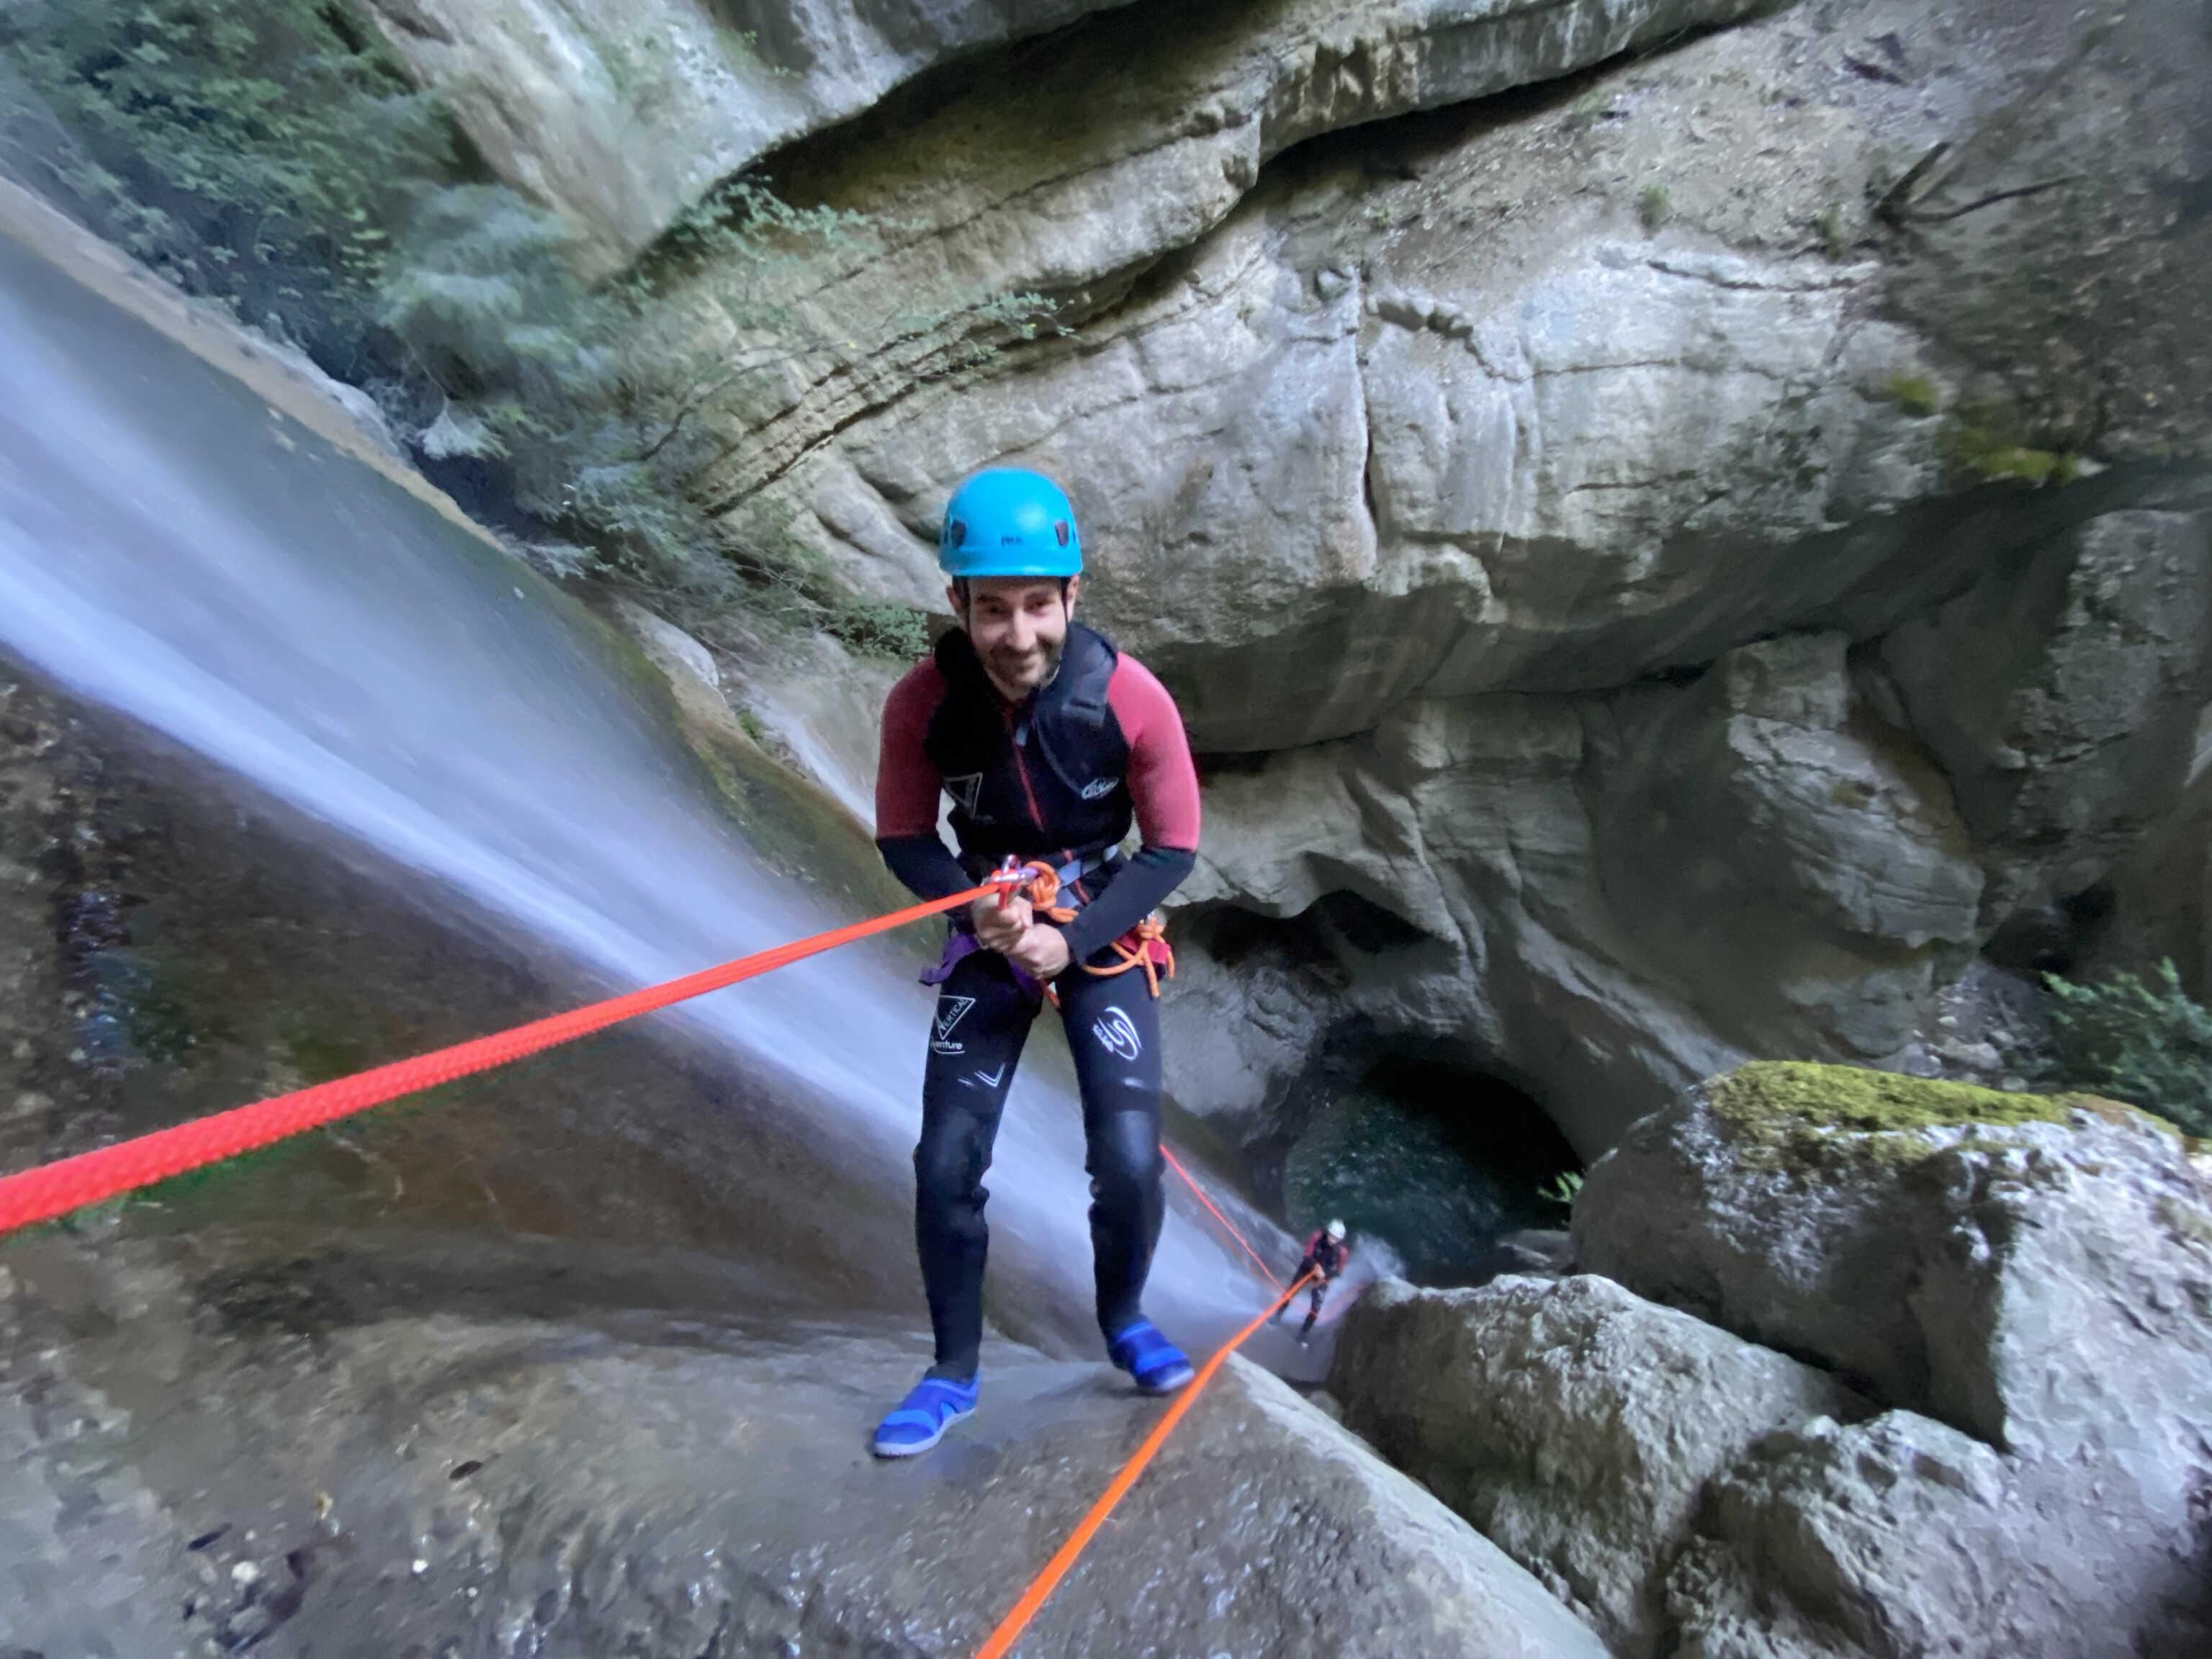 Descente de 35m en rappel au départ du canyon